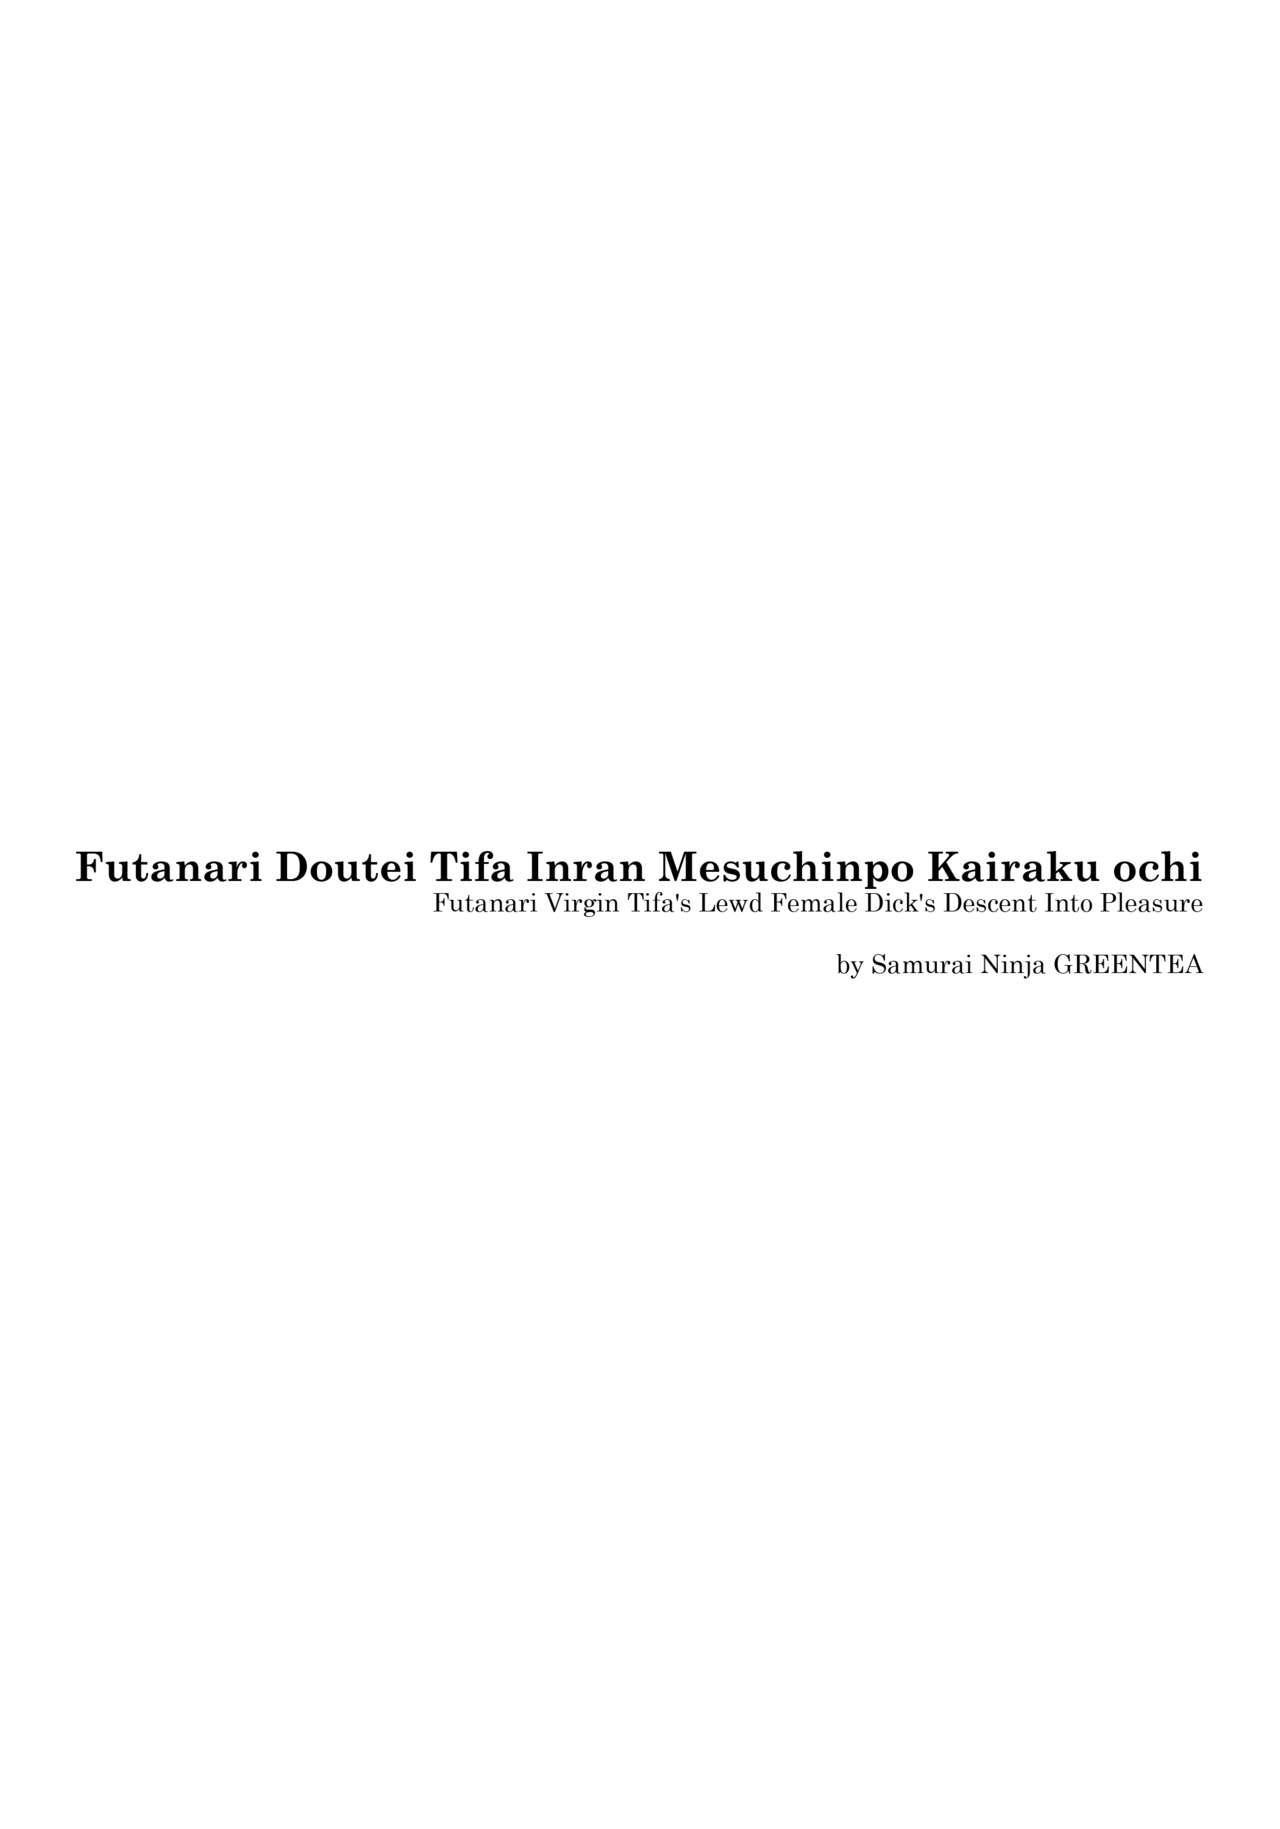 Futanari Doutei Tifa Inran Mesuchinpo Kairaku ochi 3